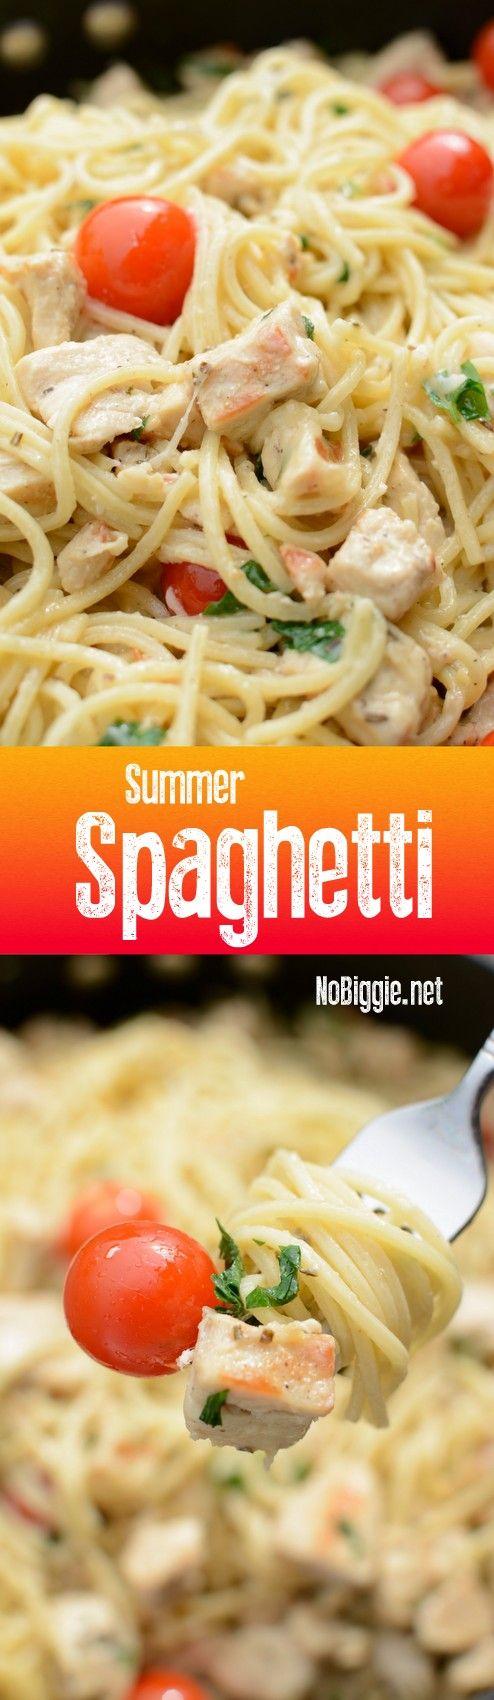 Summer Spaghetti with garlic gravy this sauce is amazing! | NoBiggie.net